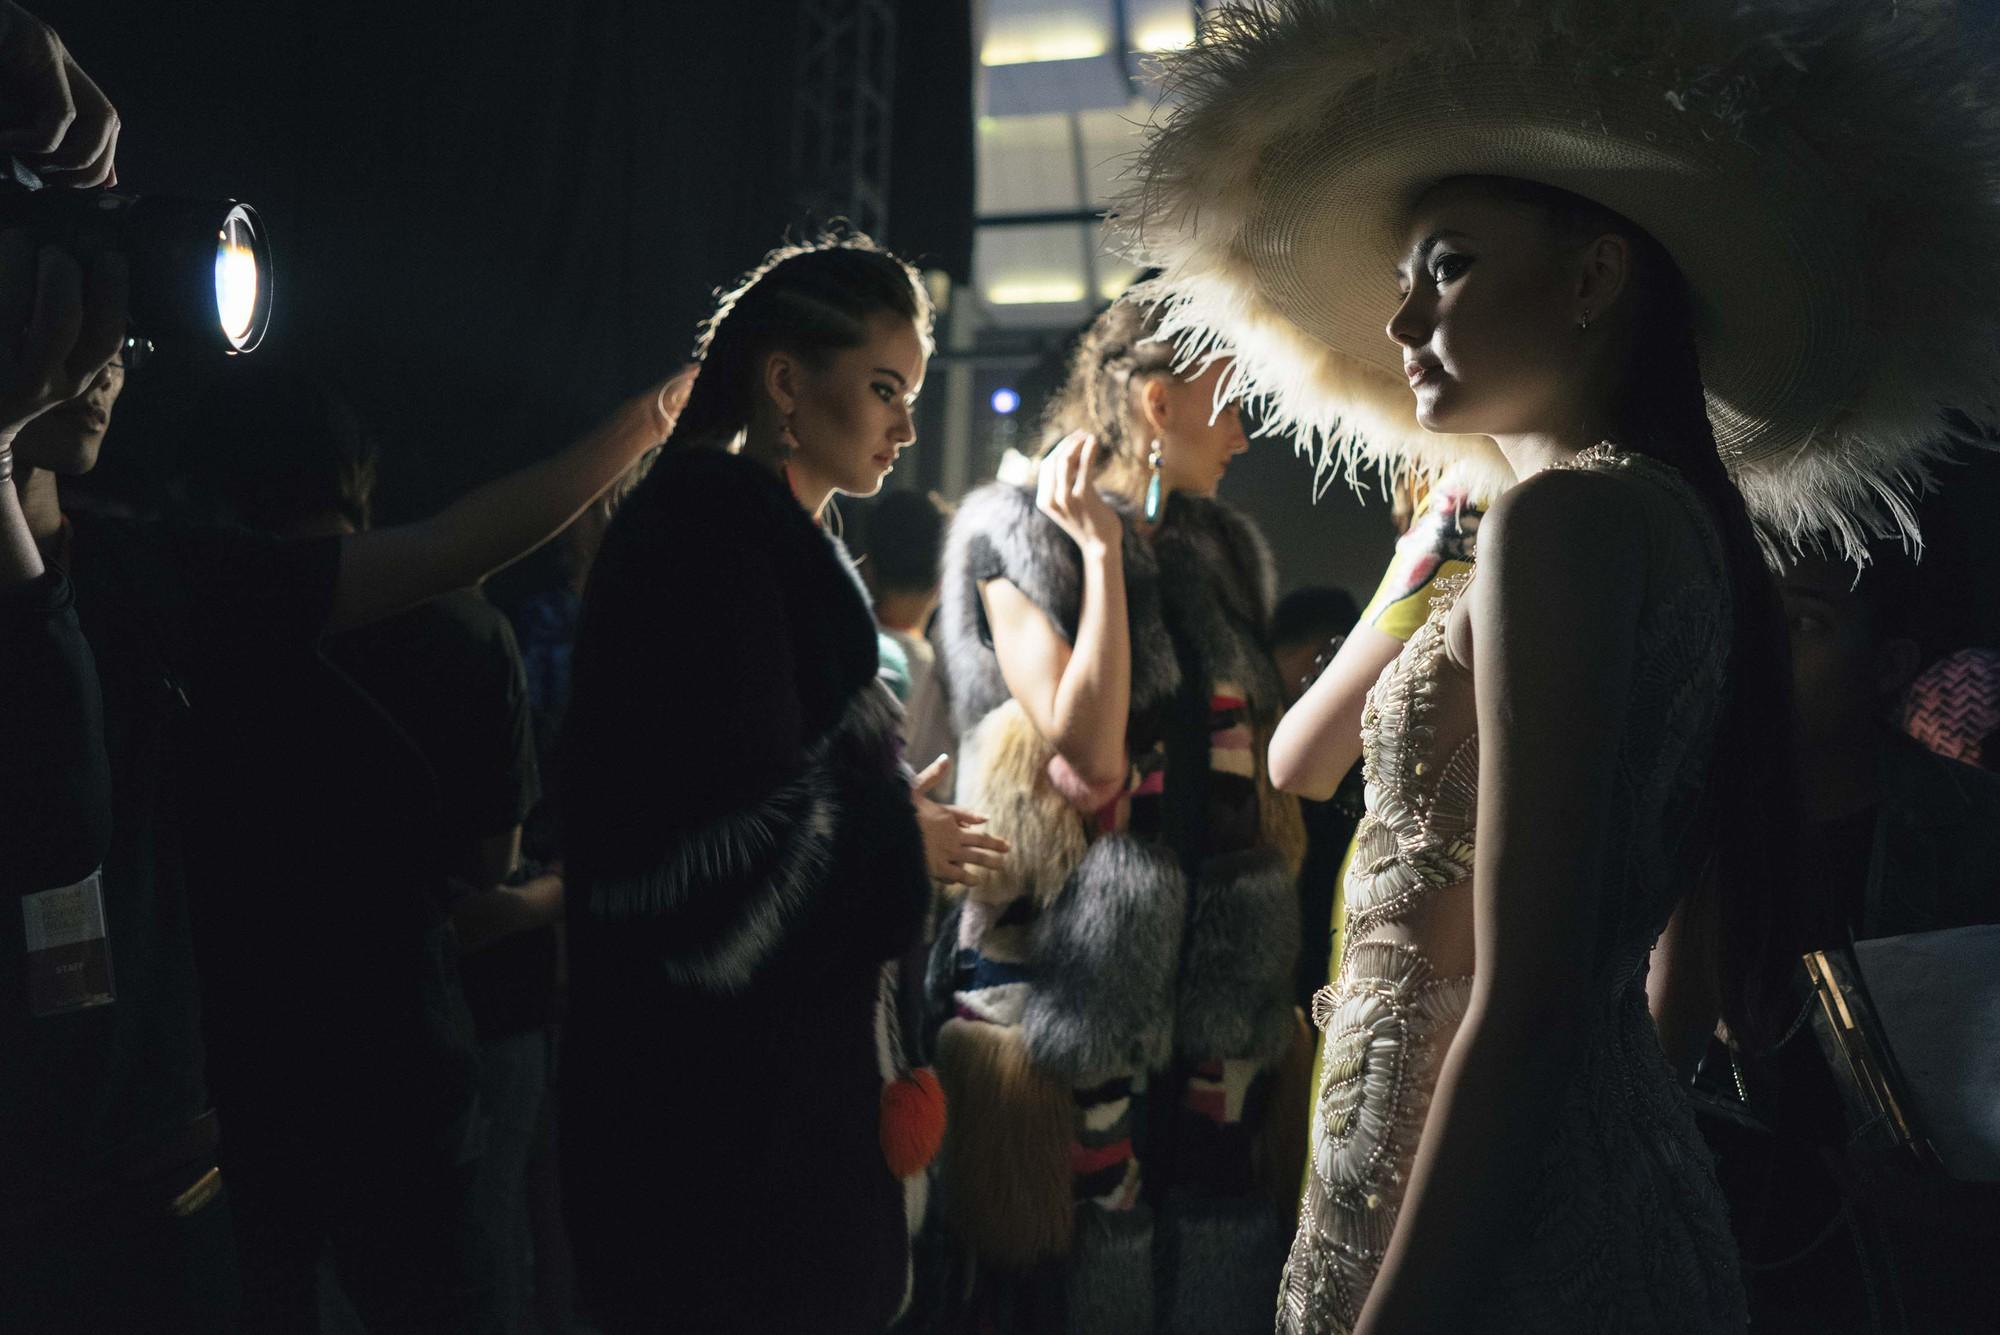 Không chỉ người mẫu, cánh nhiếp ảnh gia cũng đồng loạt tố ekip VIFW: Làm thì cực mà lúc đòi tiền thì như ăn xin! - Ảnh 7.